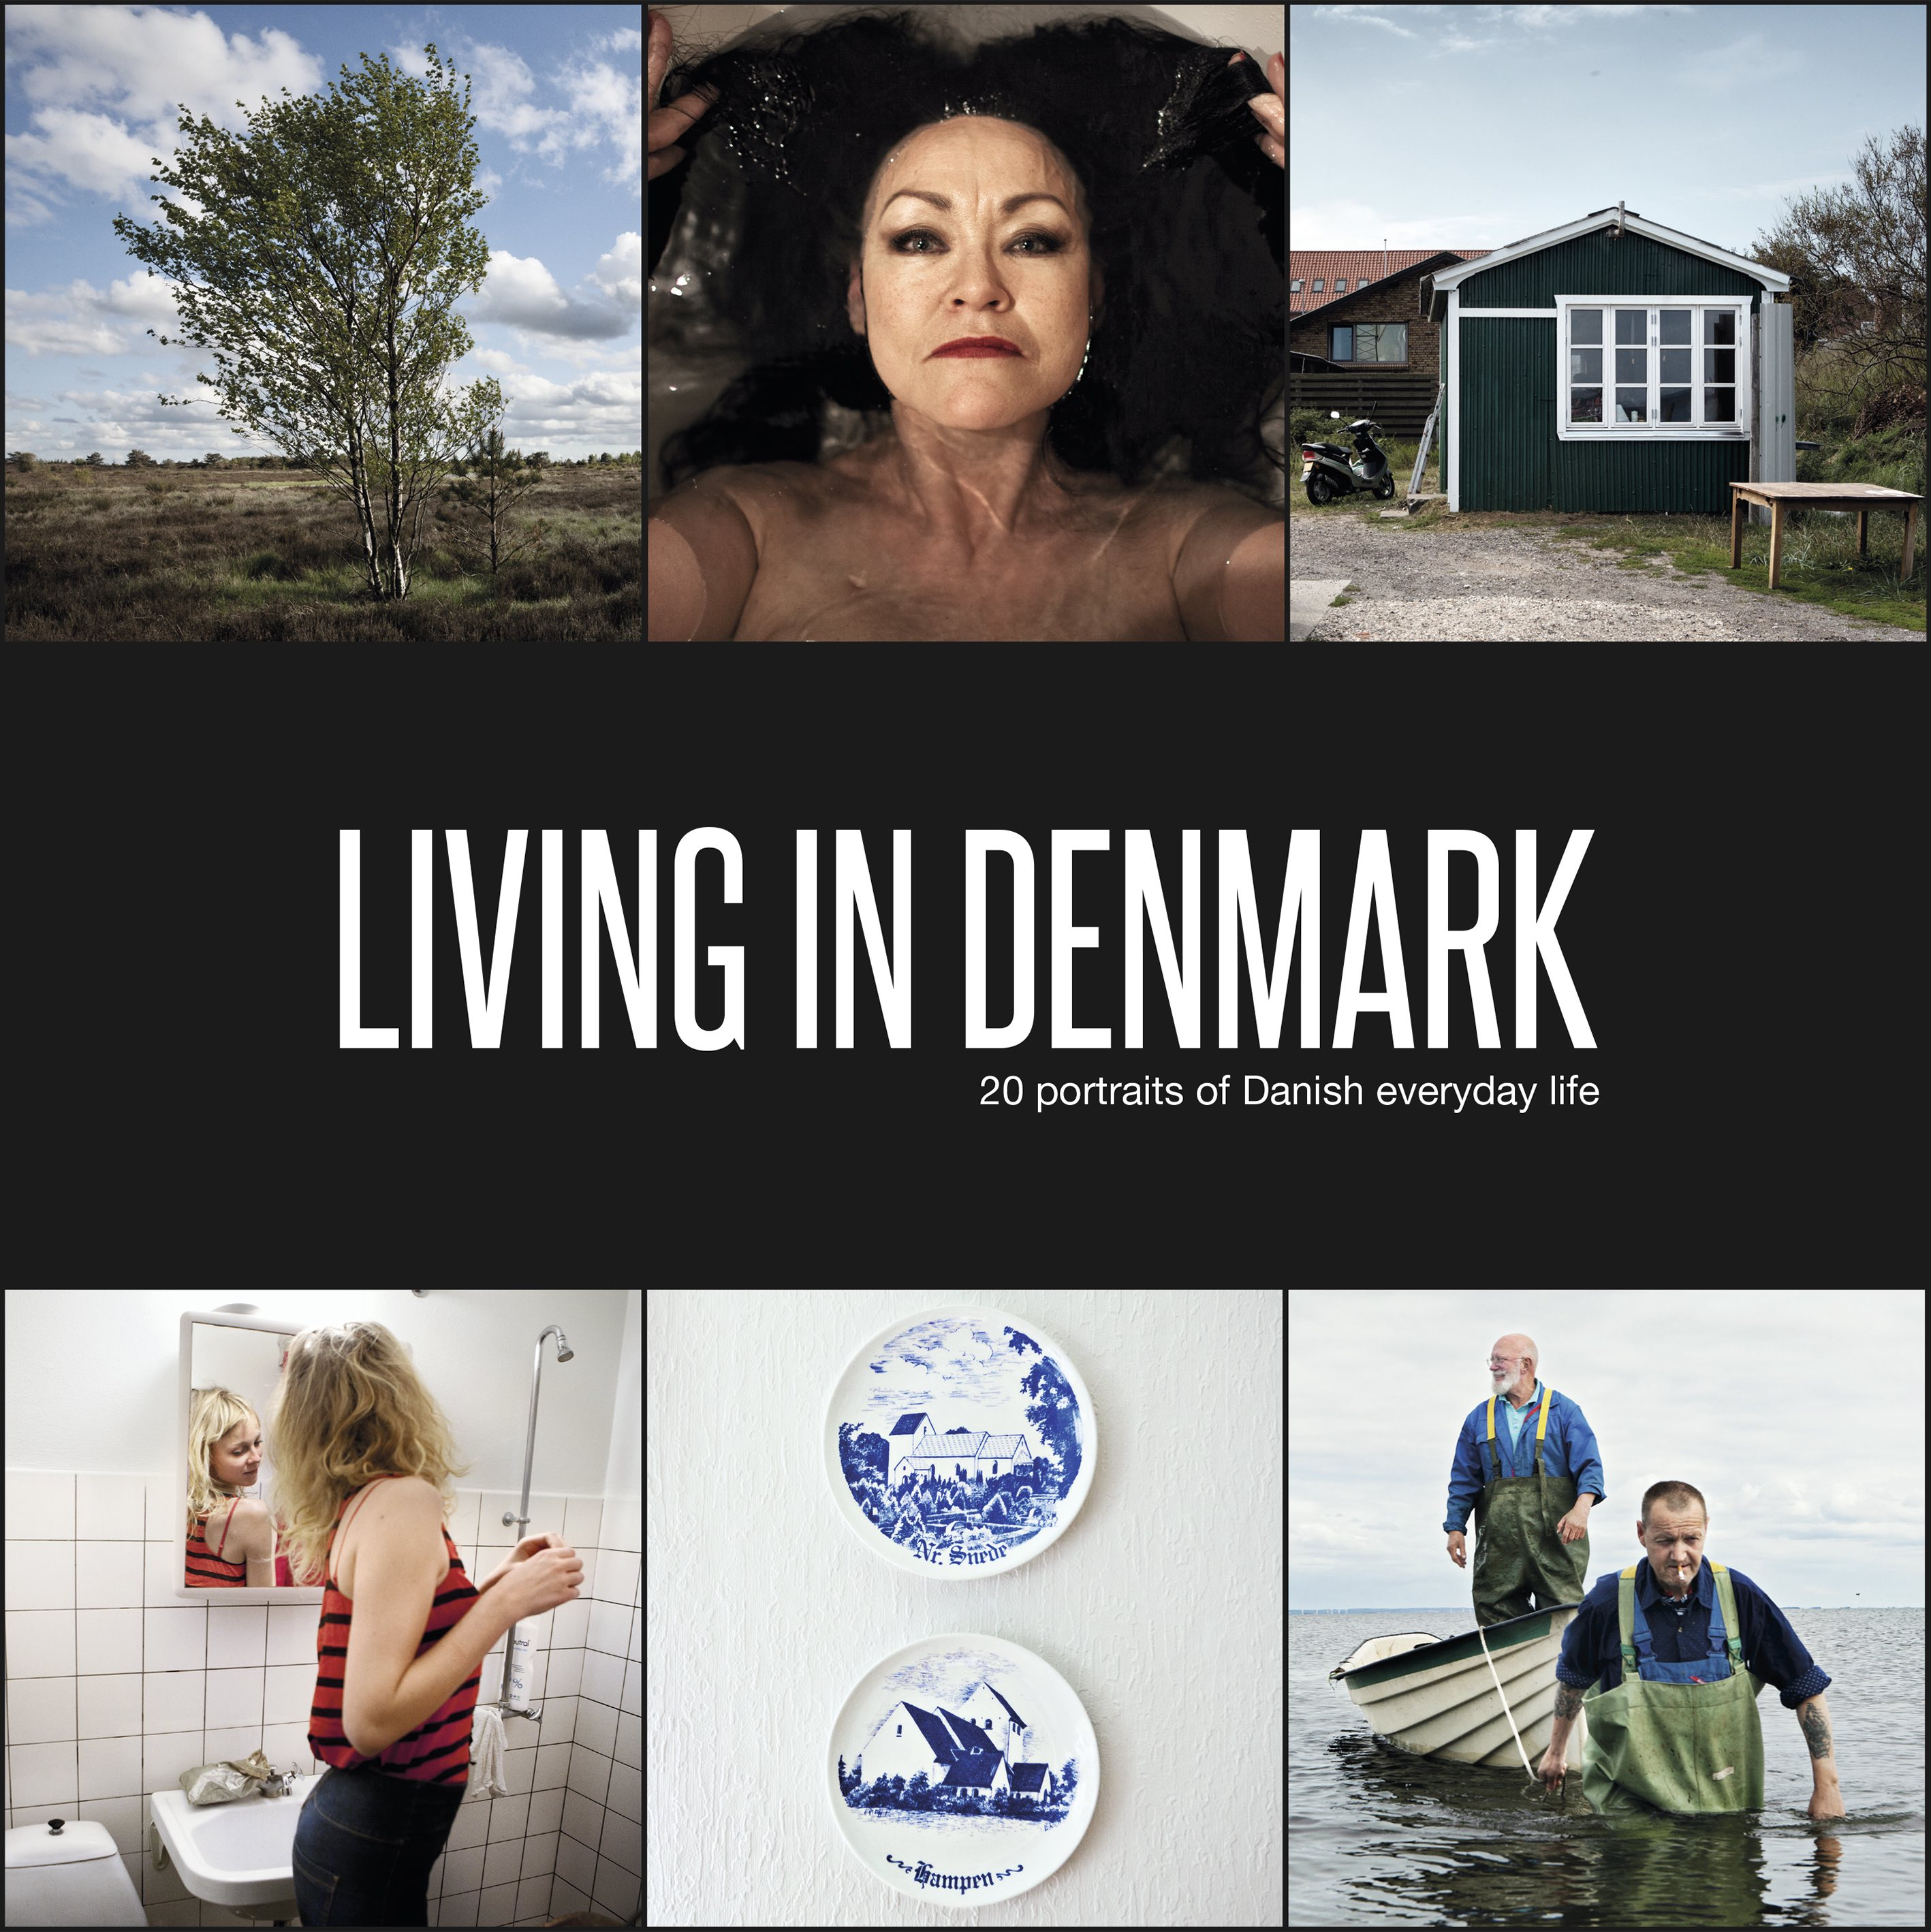 Living in Denmark